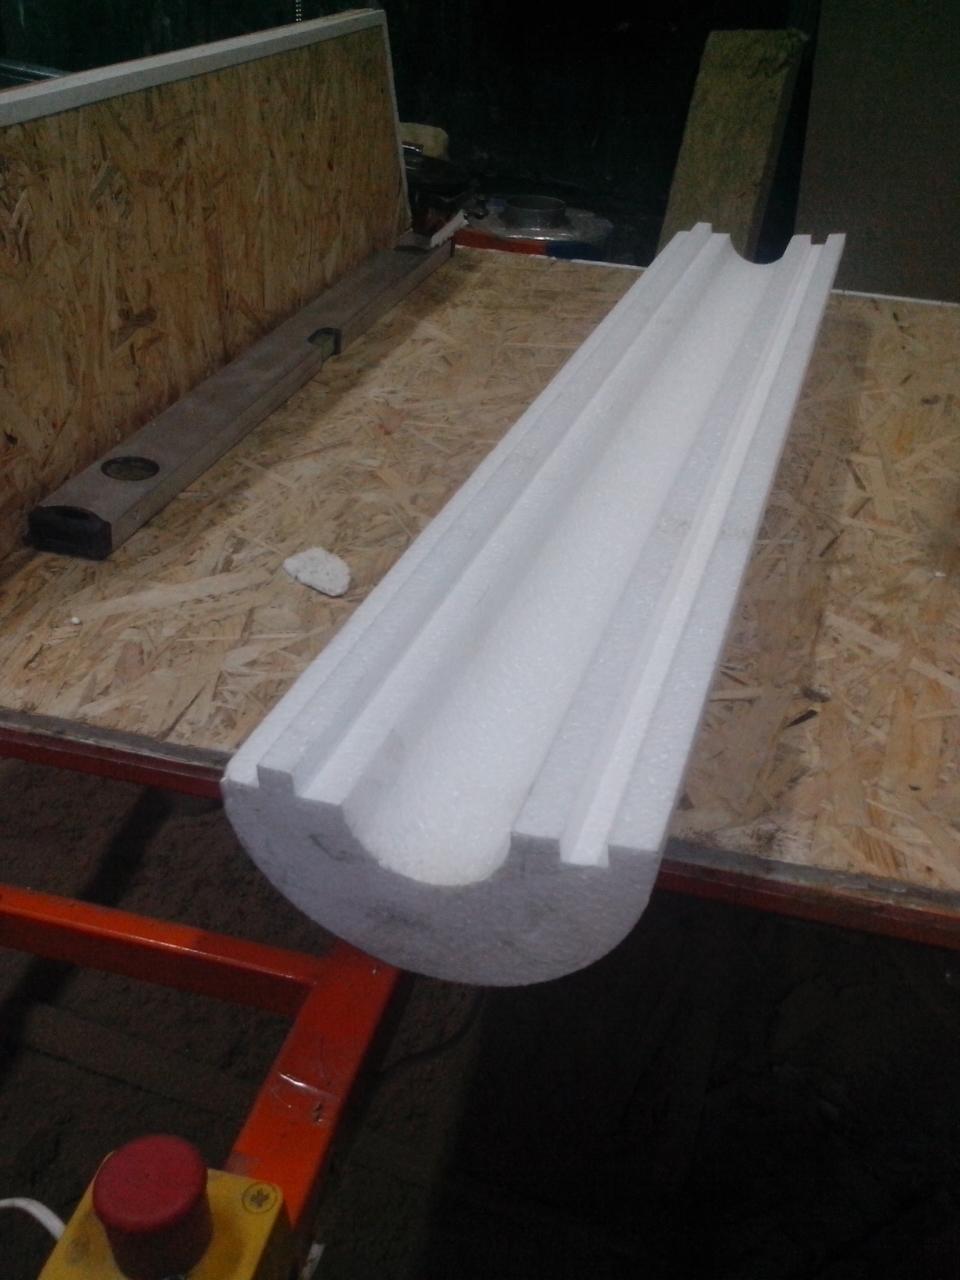 Утеплитель из пенопласта (пенополистирола) для труб Ø 89 мм толщиной 100 мм